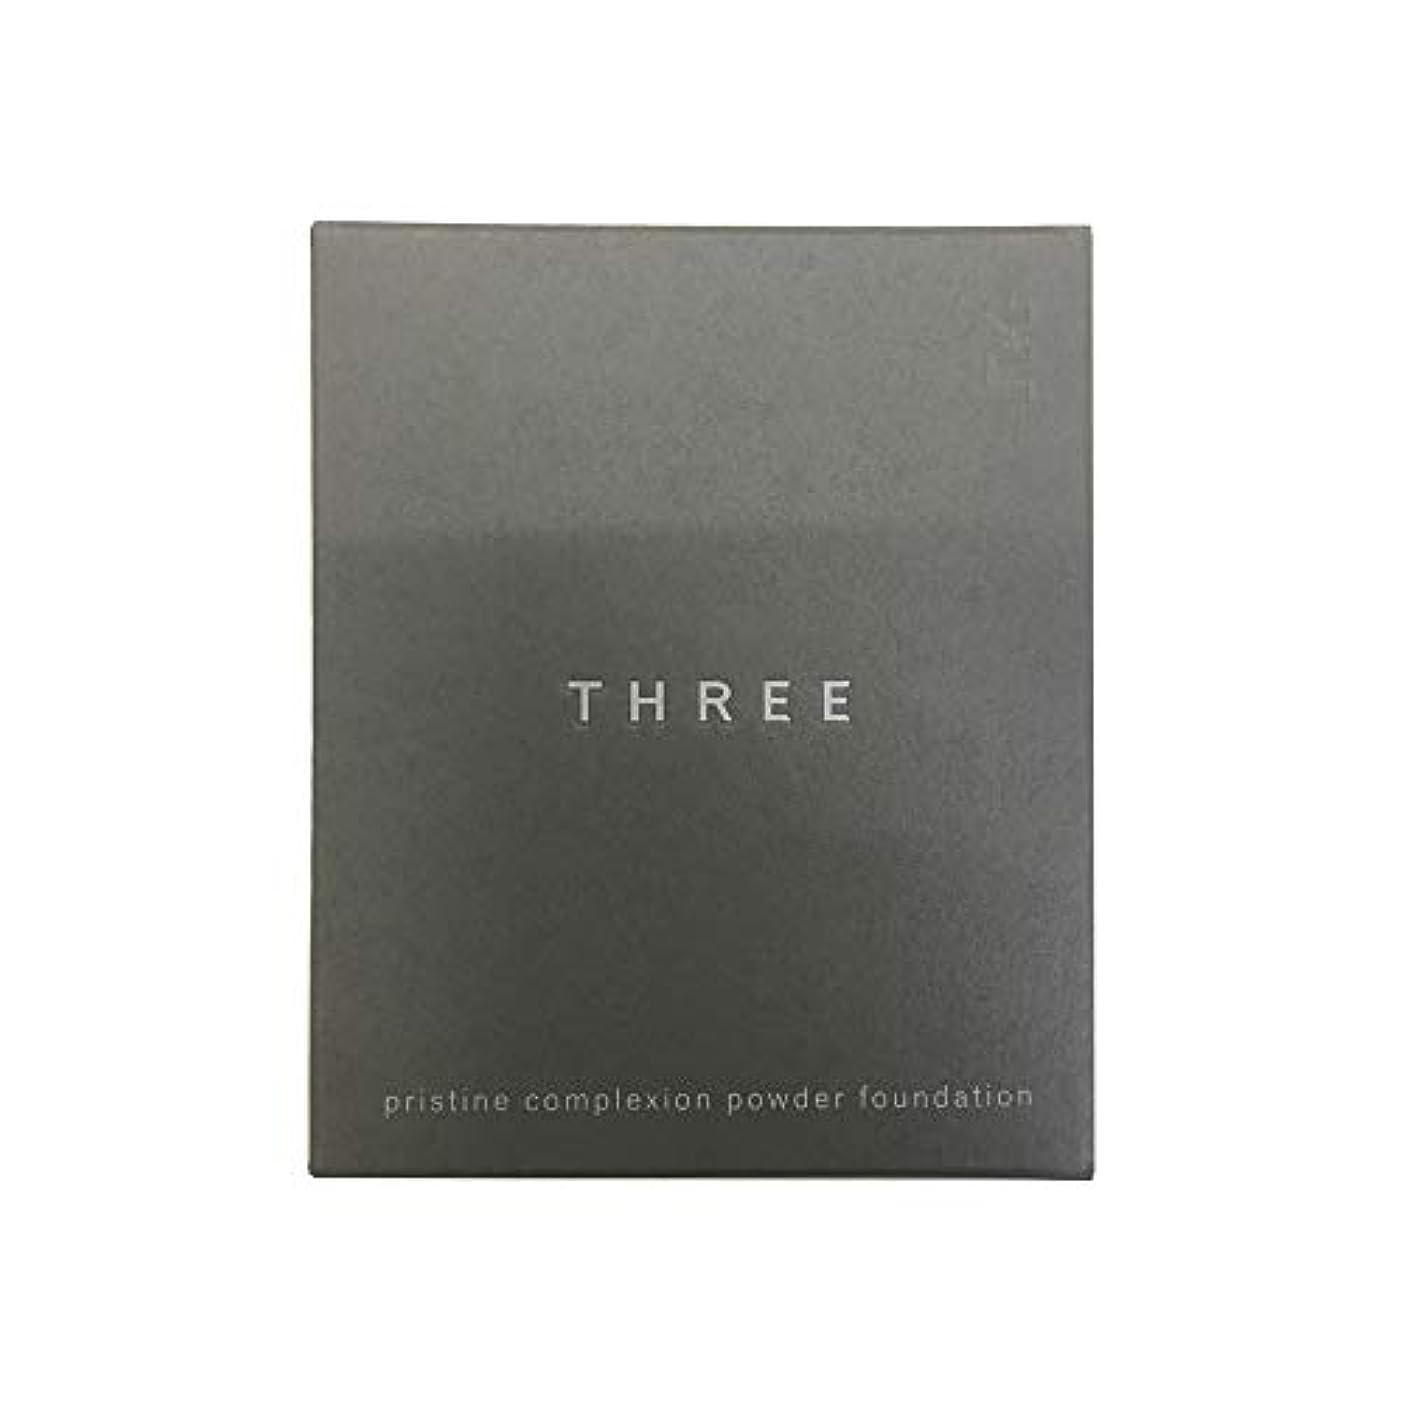 摘む思春期の博物館THREE(スリー) プリスティーンコンプレクションパウダーファンデーション #101(リフィル) [ パウダーファンデーション ] [並行輸入品]